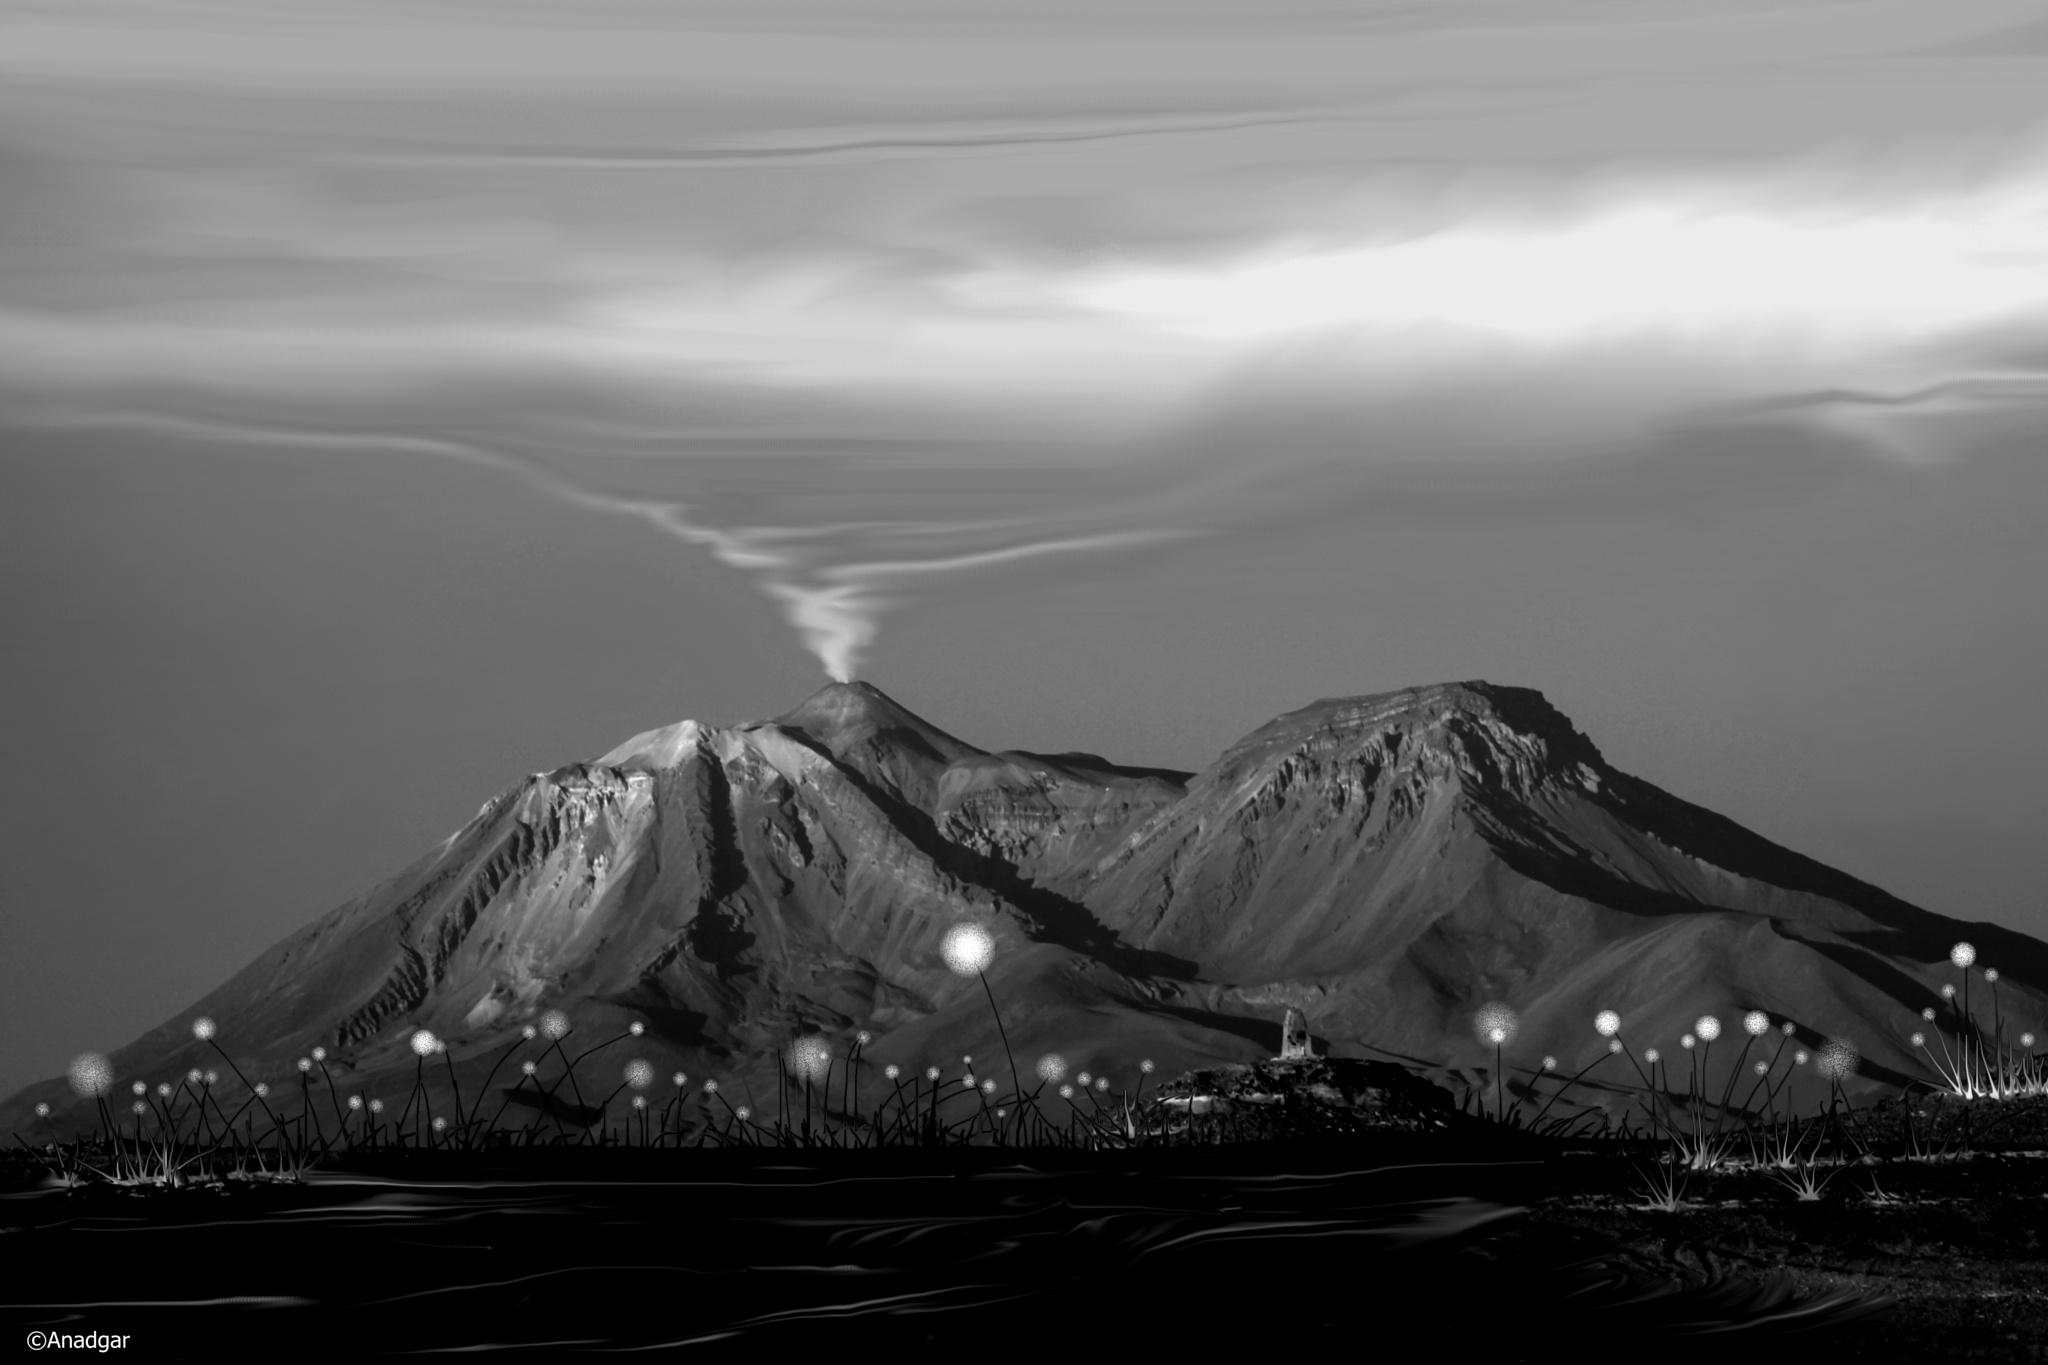 esferas by Anadgar03